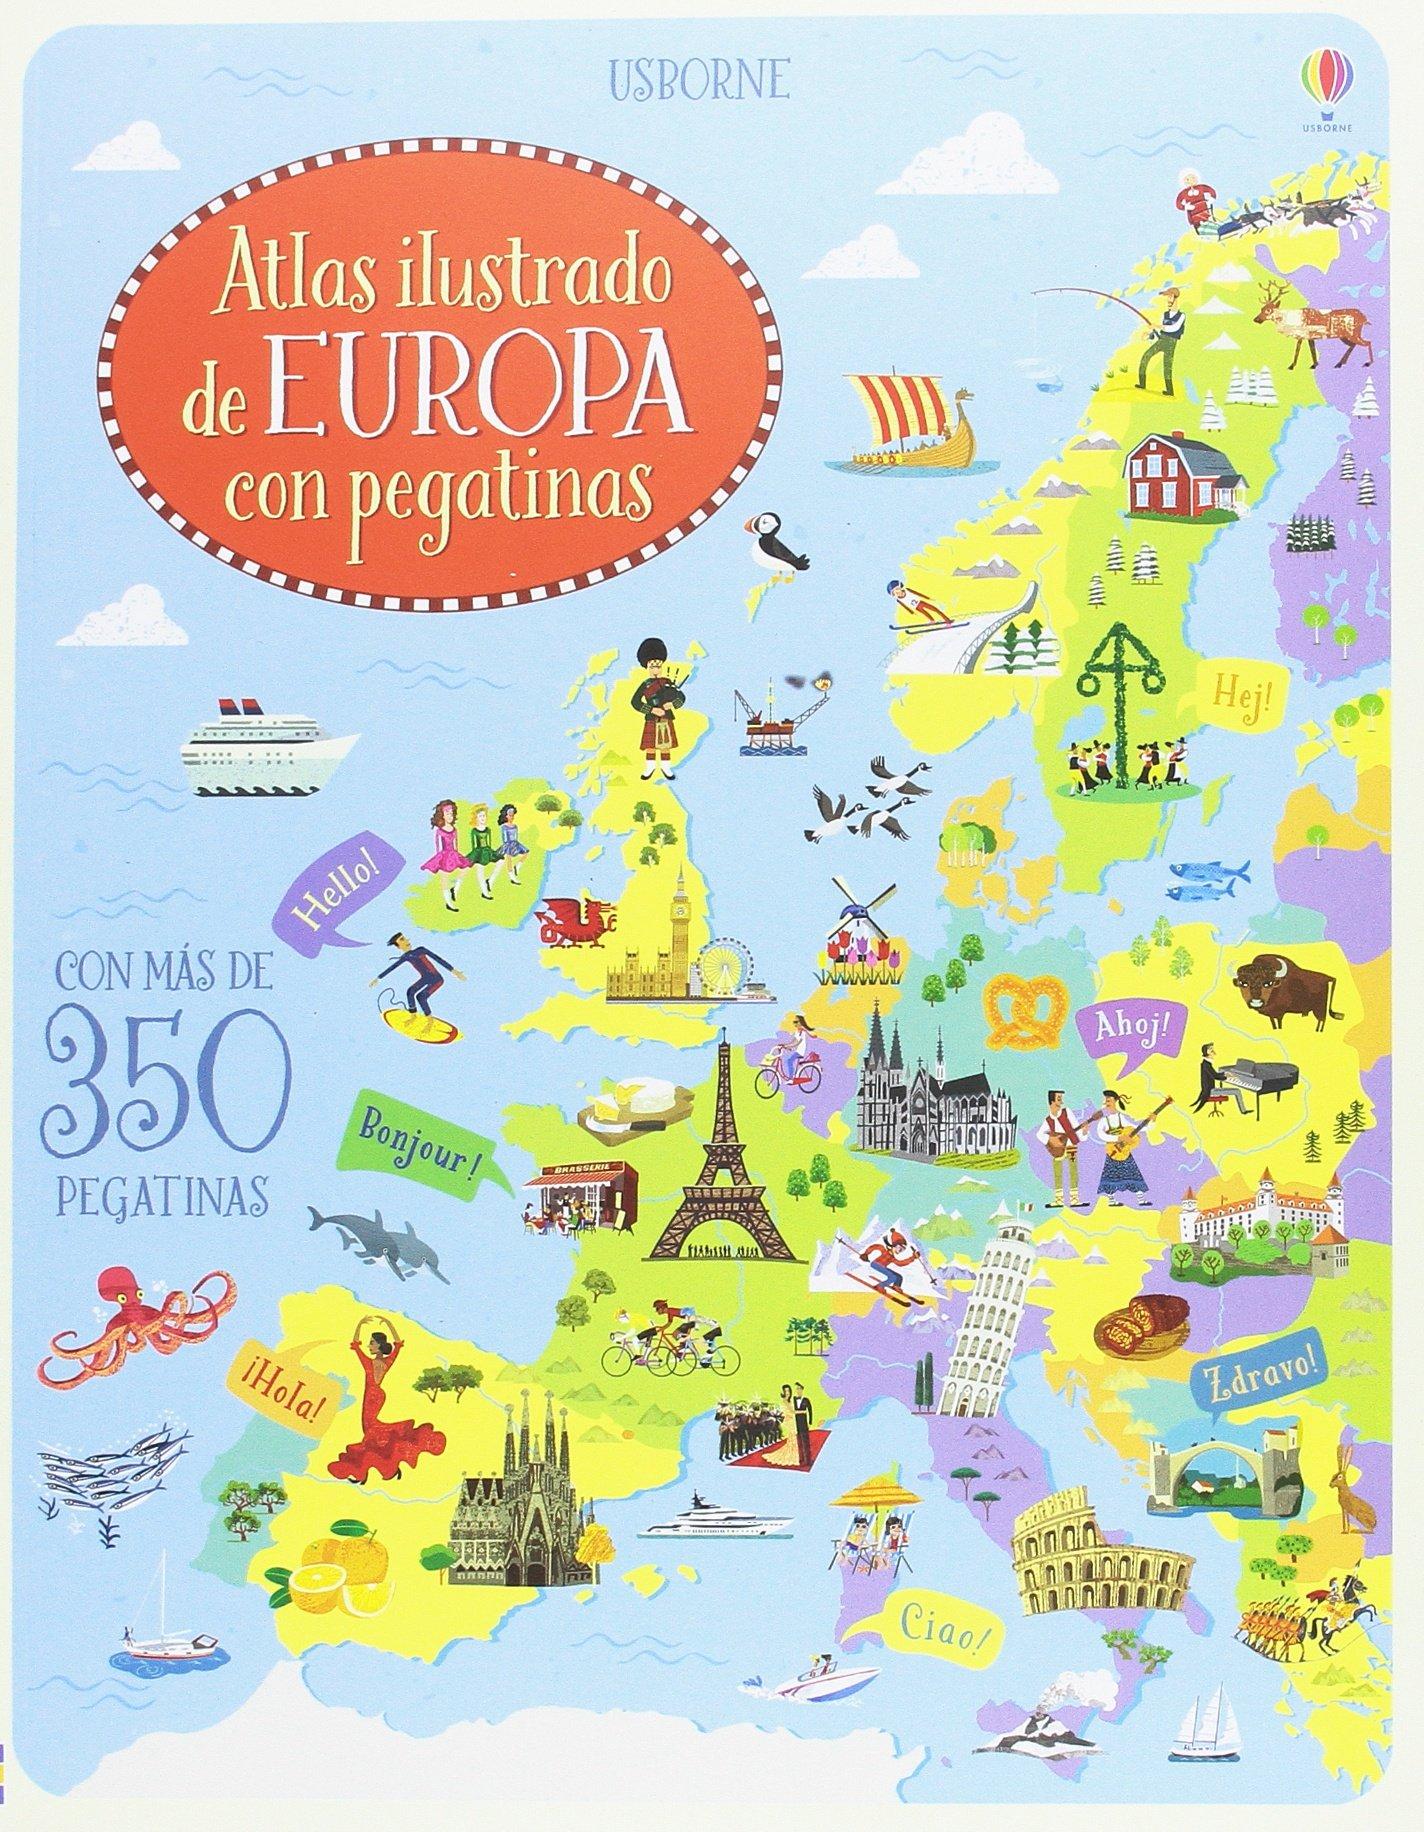 Atlas ilustrado de Europa con pegatinas: Amazon.es: Jonathan Melmoth, Jonathan Melmoth: Libros